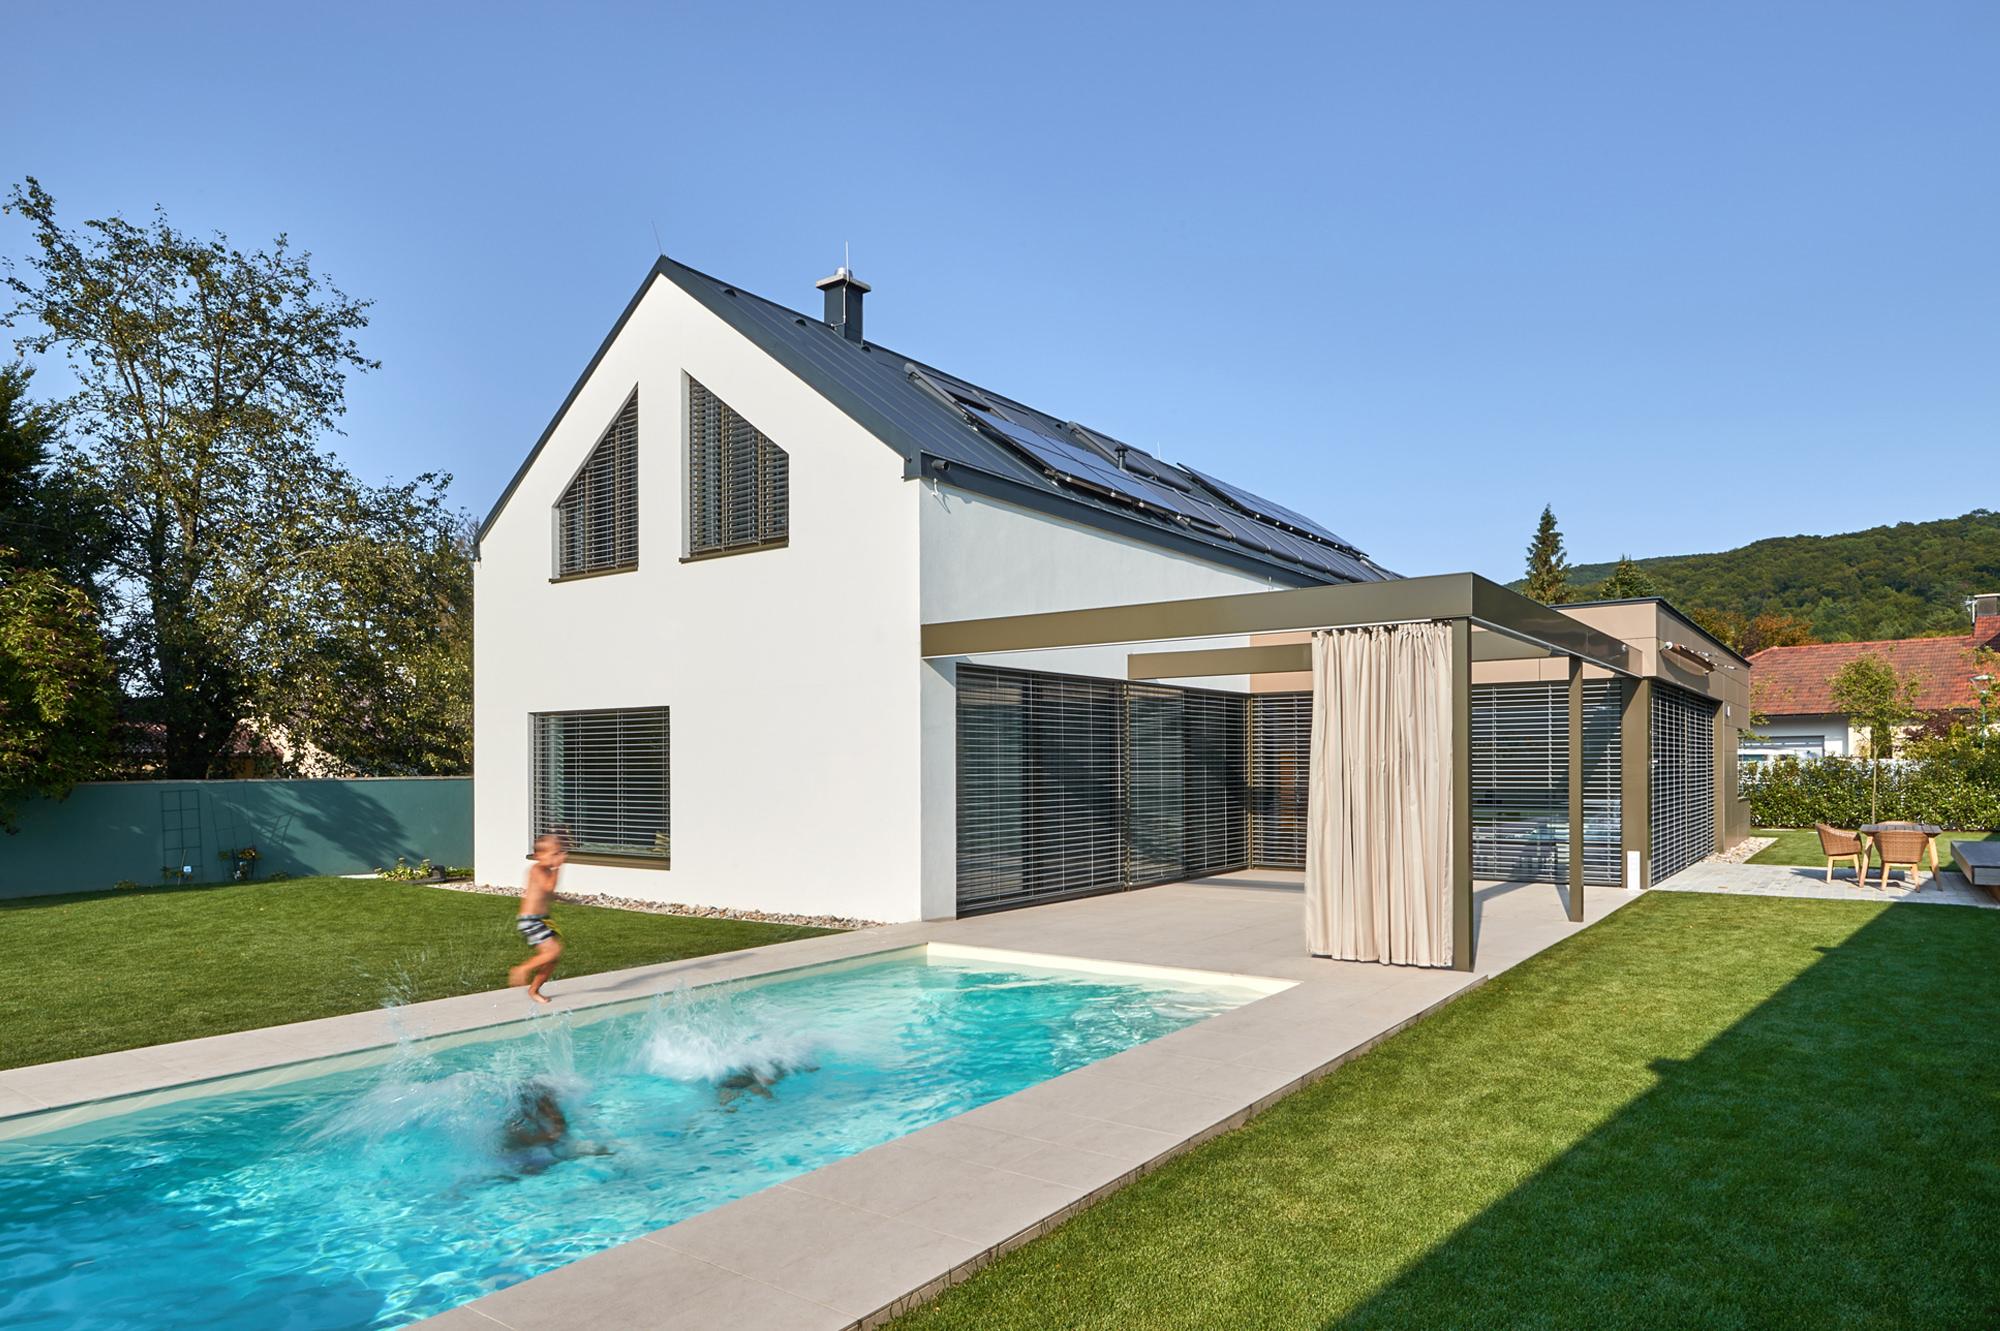 haus_H_03_einfamilienhaus_in_gaaden_niederoesterreich_junger_beer_architektur